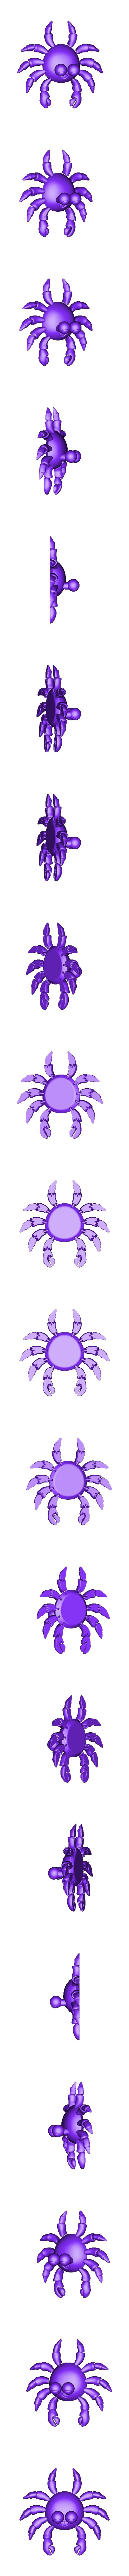 Little_Crab.stl Télécharger fichier STL Petit crabe mignon - Crabe flexible • Modèle pour impression 3D, AxelX04